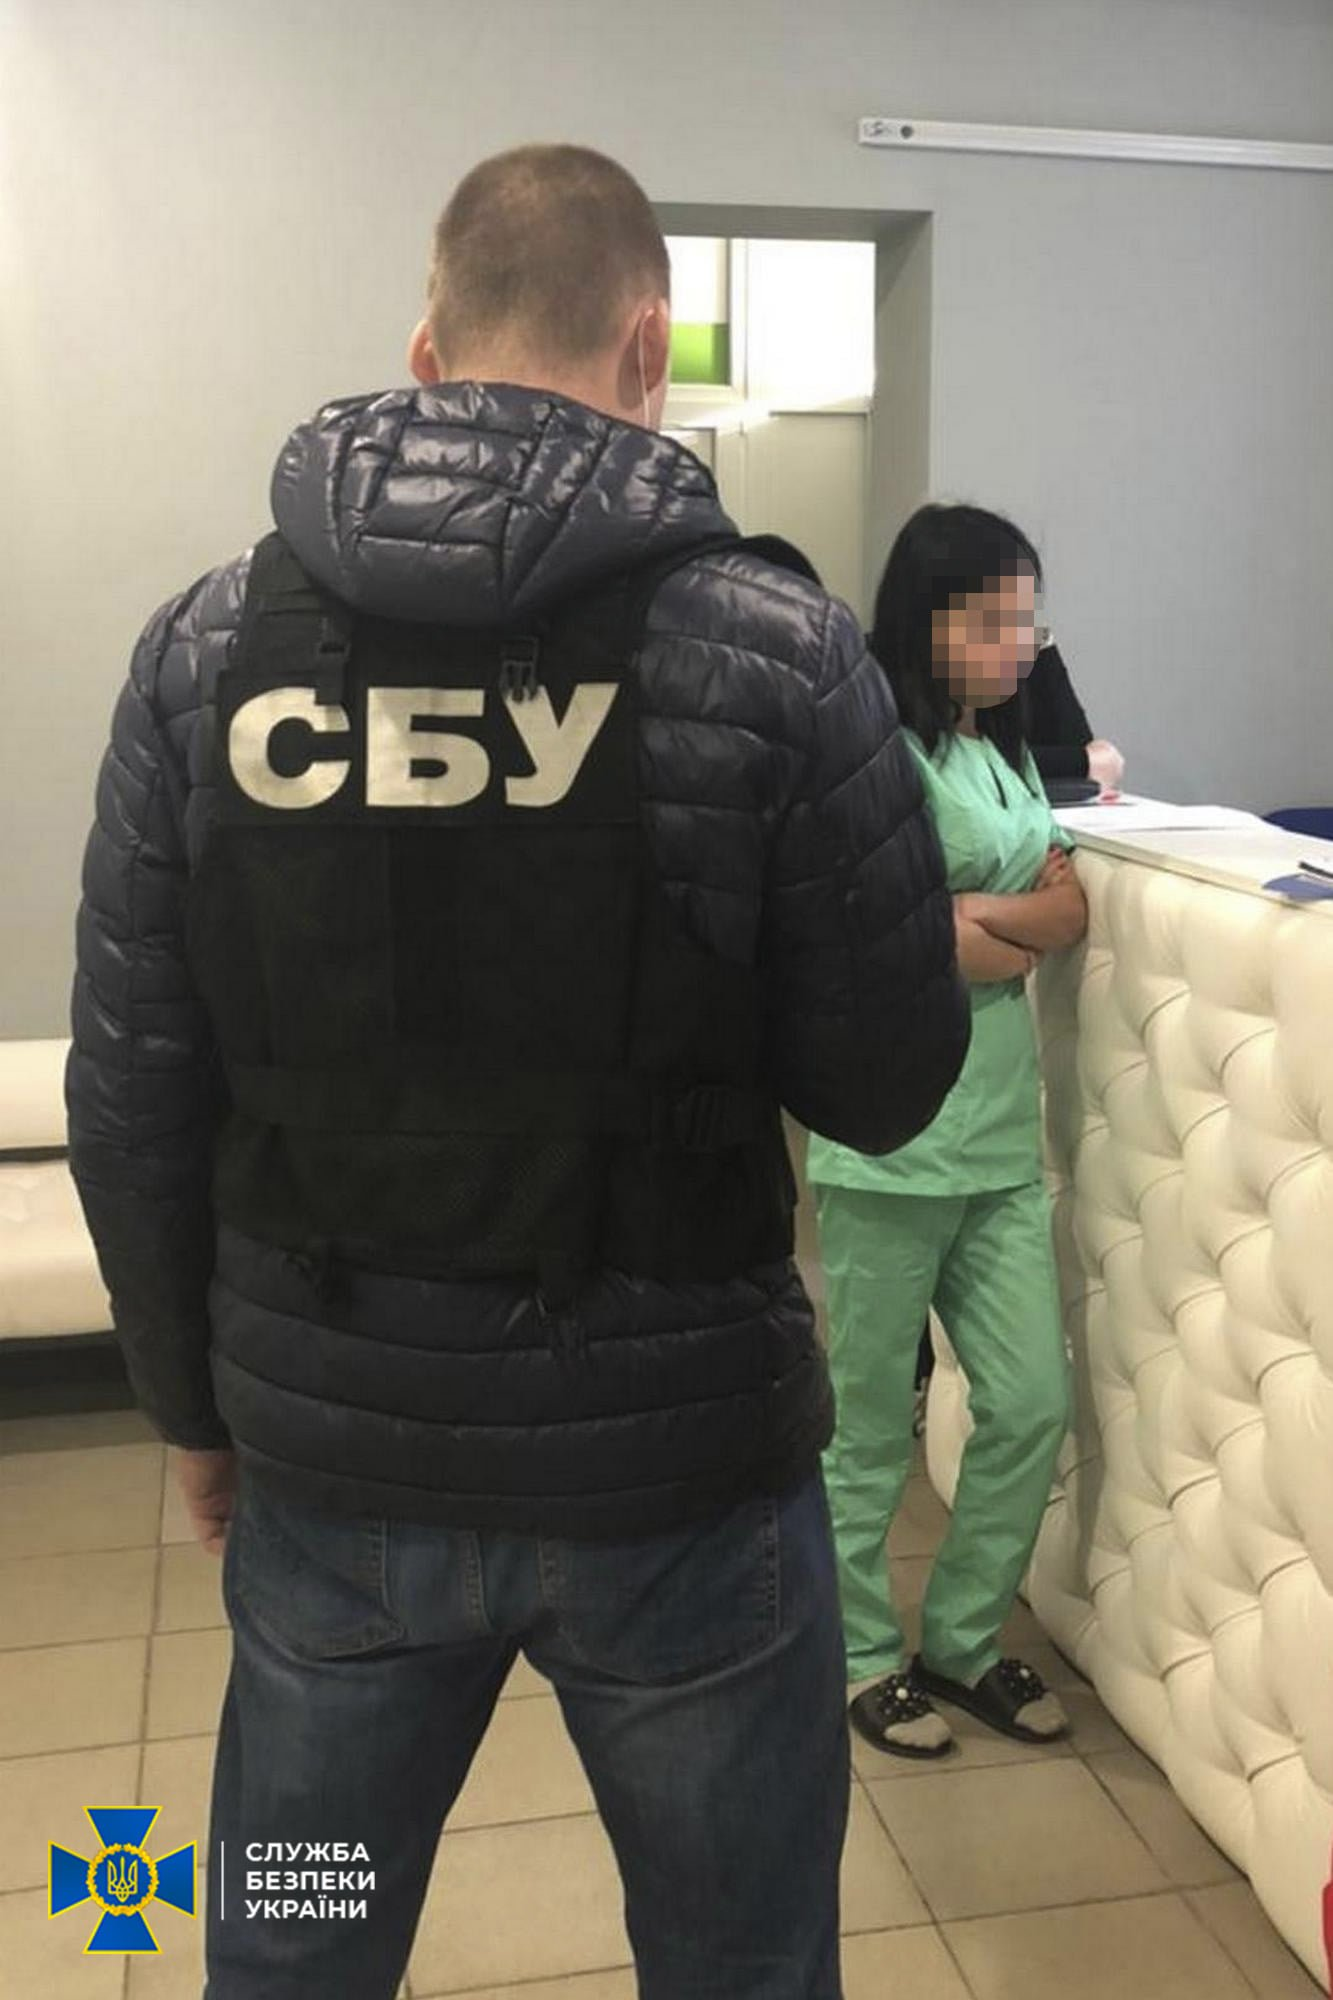 Подделывали ПЦР-тесты зараженным и зарабатывали до миллиона гривен: на Харьковщине СБУ разоблачила частную клинику и туроператора, - ФОТО, фото-1